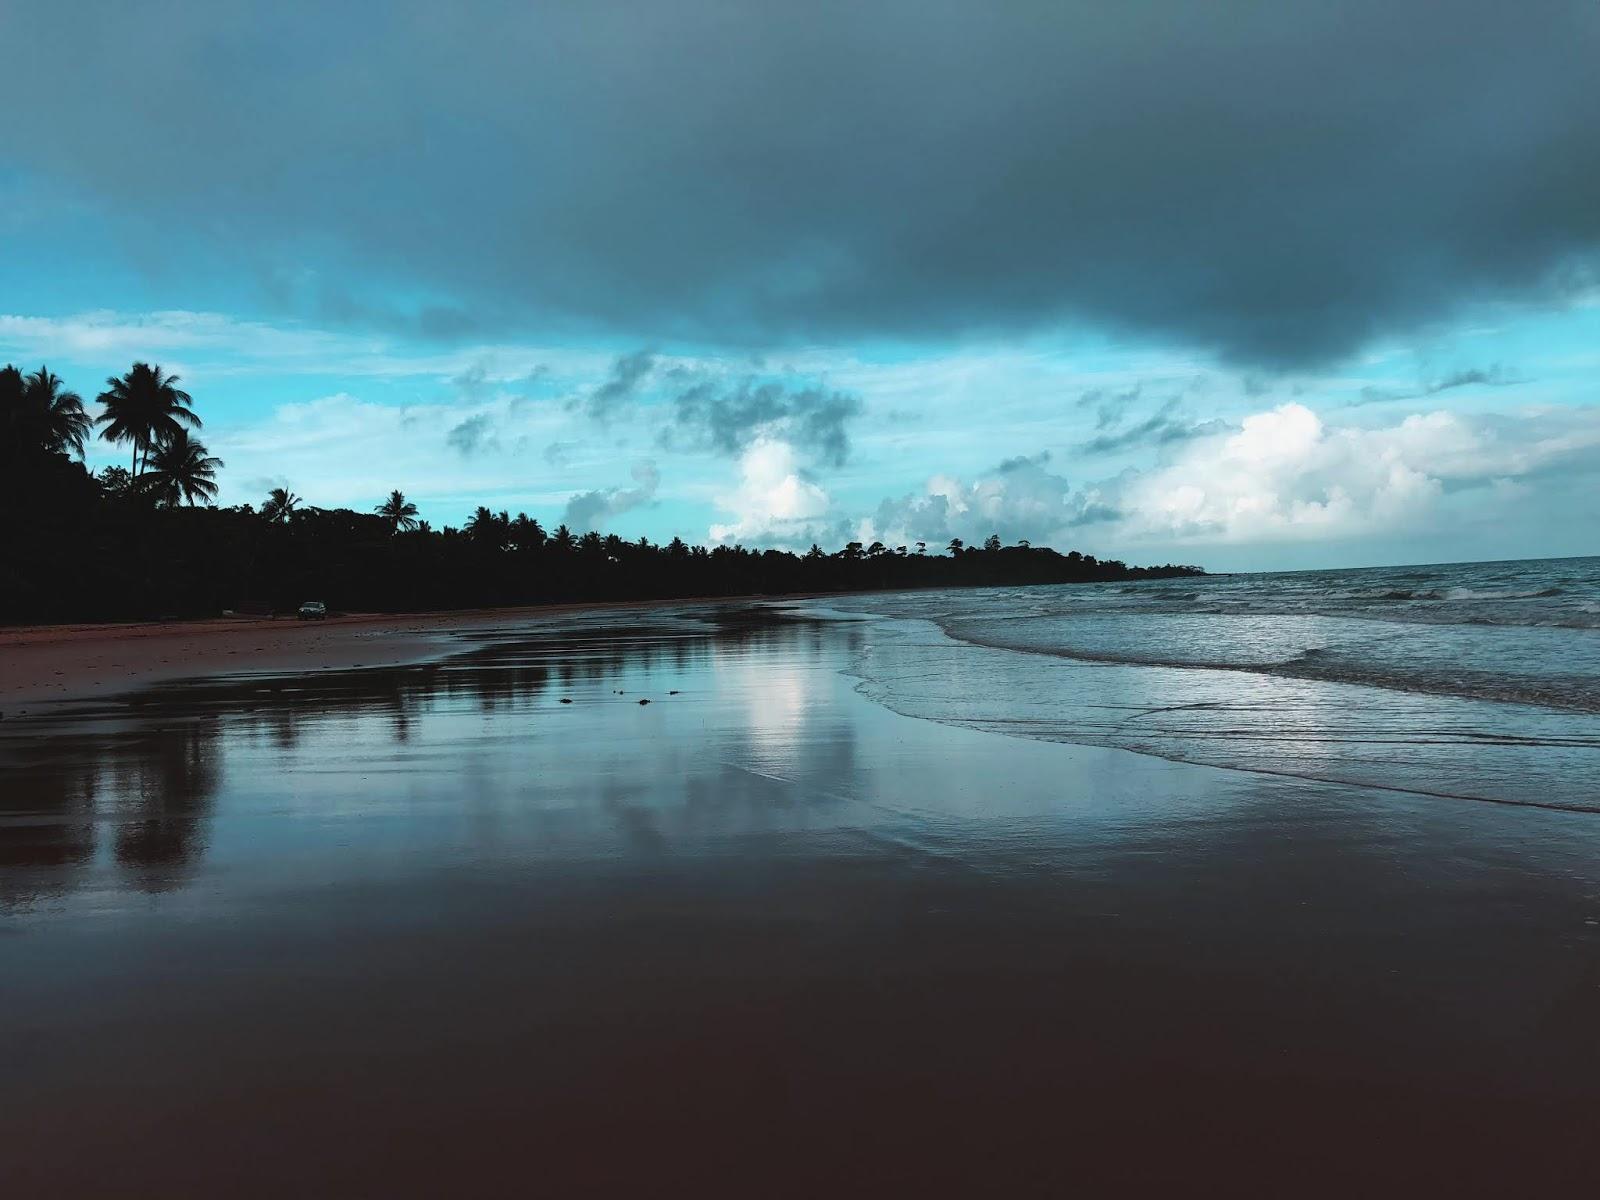 Plaża w Mission Beach w porach wieczornych. Po lewej stronie rozpościerają się australisjkie palmy w cieniu, wychodzące aż na piasek. Po prawej stronie, Morze Koralowe z Wielką Rafą Koralawą napływa spokojnymi falami na piasek.